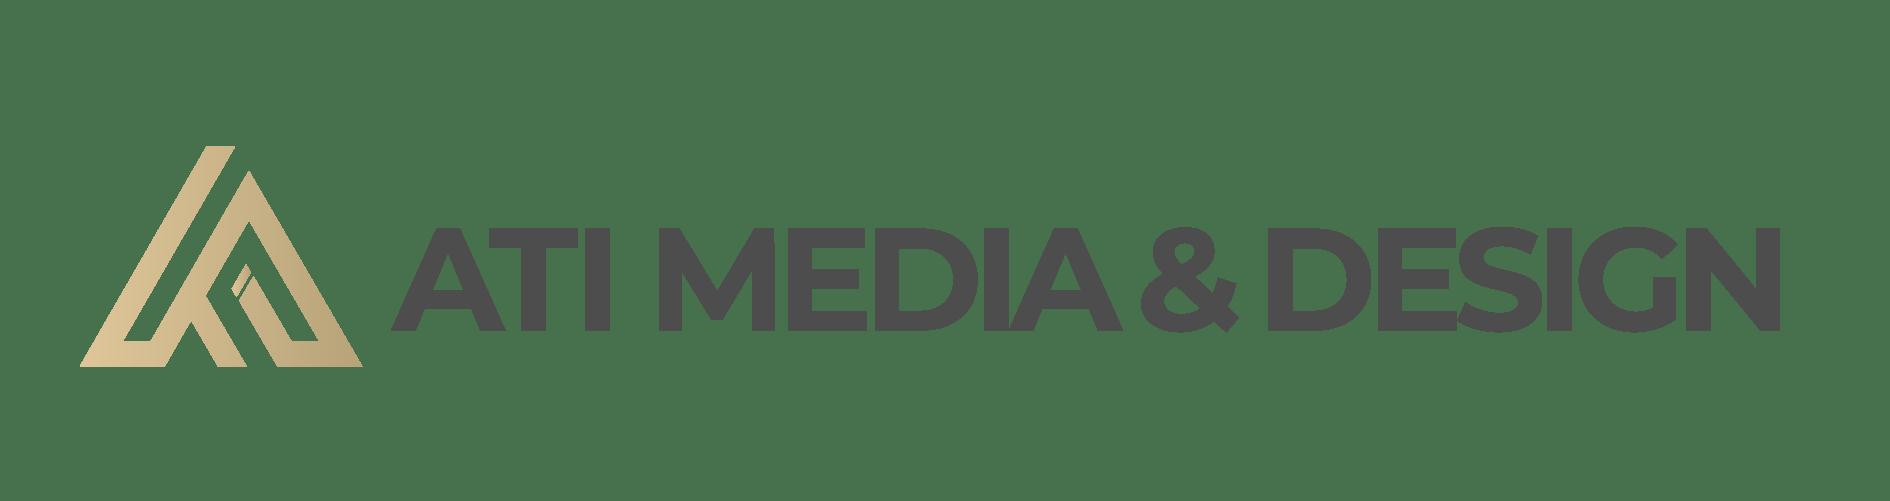 Ati-media-design